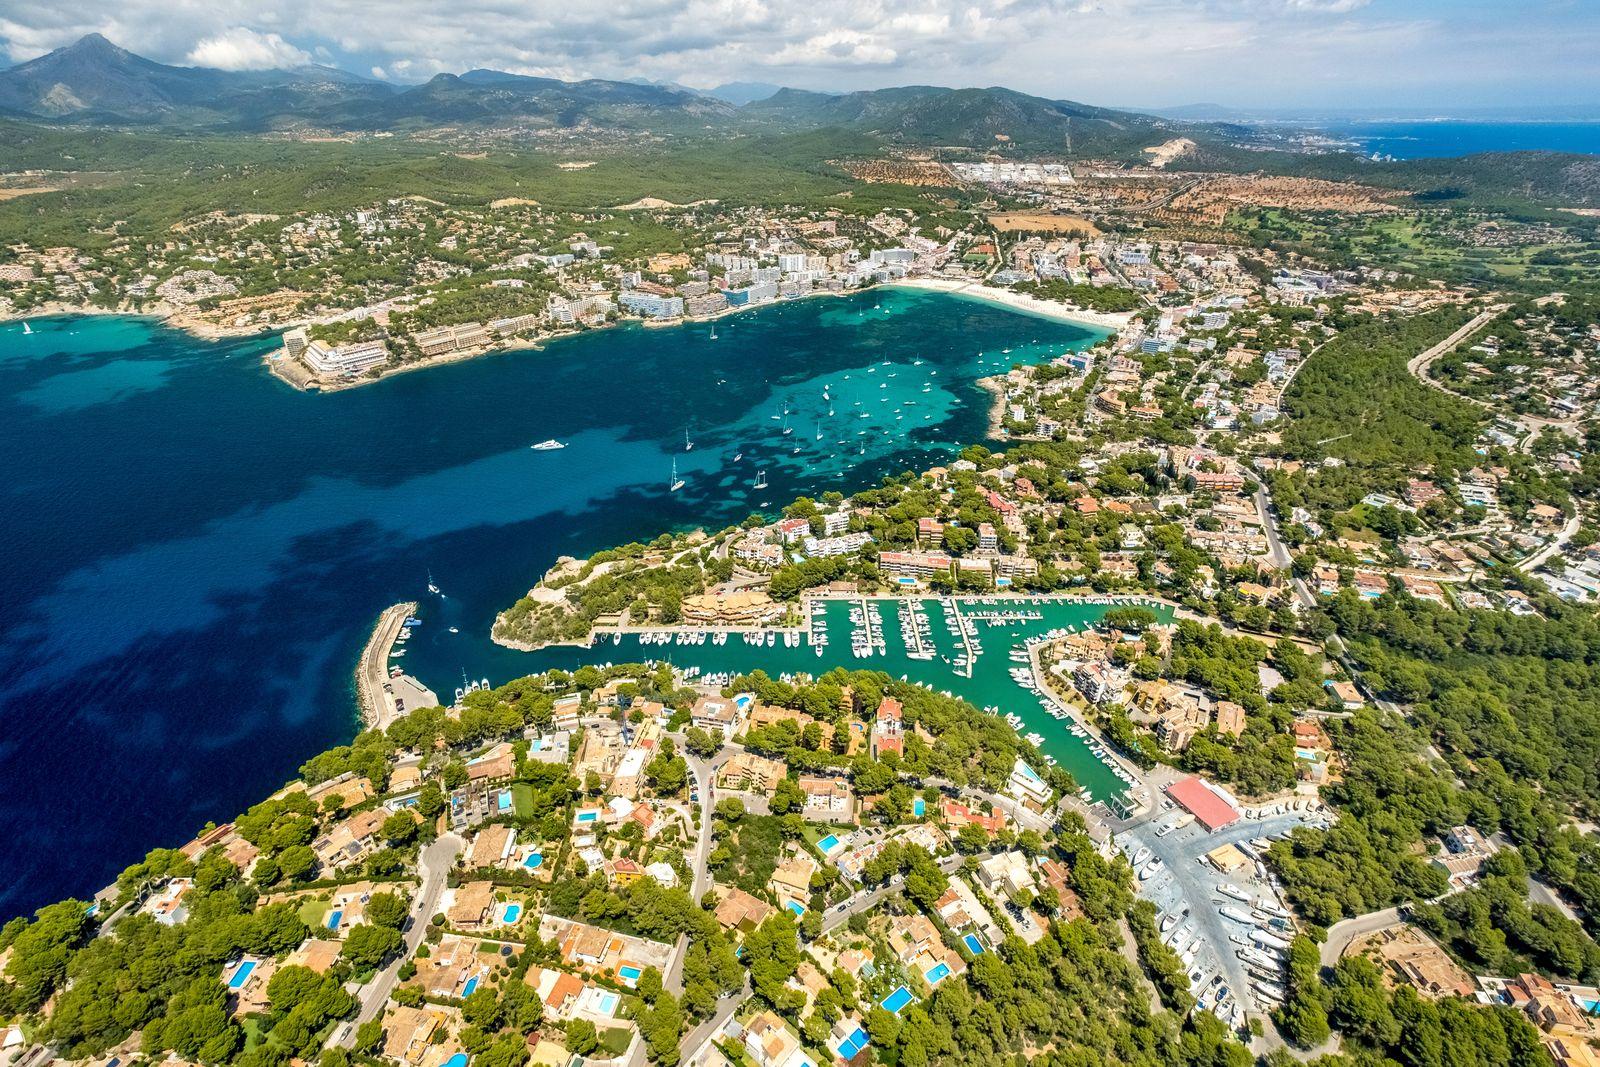 Luftbild, Ortsansicht und Hafen Santa Ponsa, Bucht von Santa Ponsa, Cruz del Descubrimiento, Playa Santa Ponsa, Bergkett